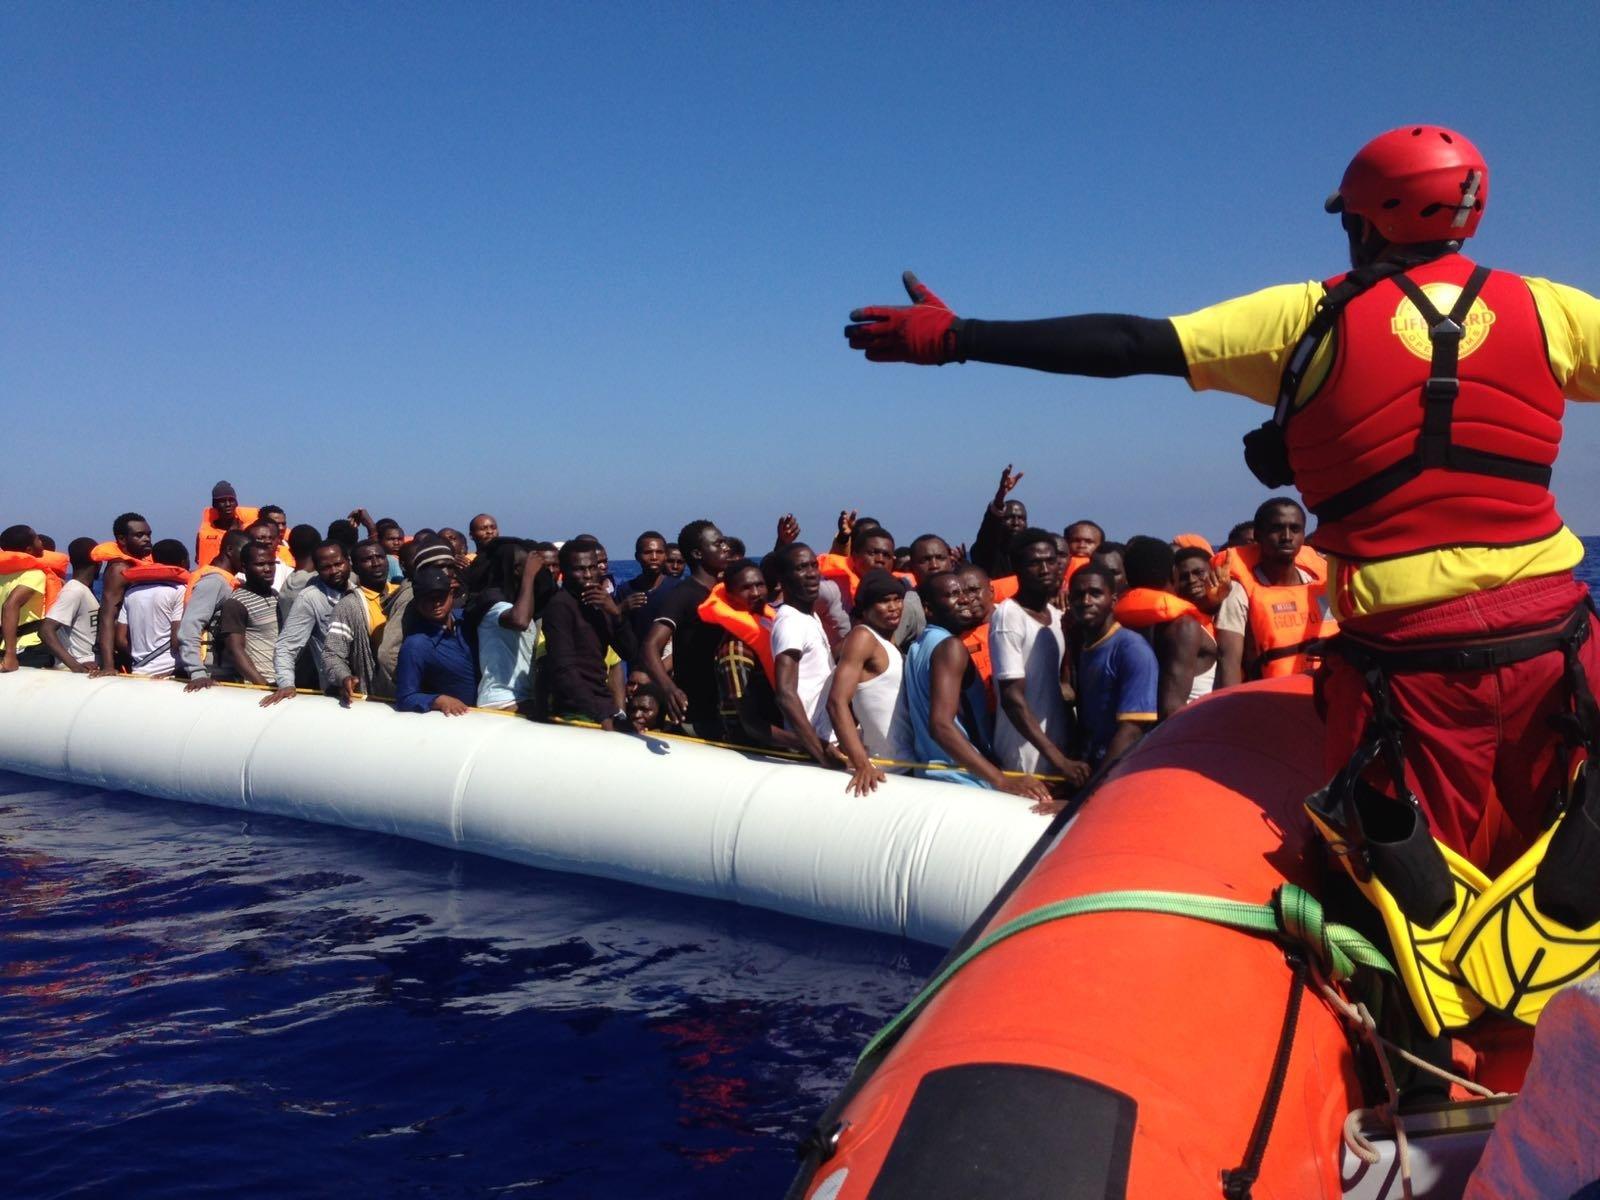 Embarcaciones para 20 personas son rescatadas con hasta 70 refugiados en el Mar Mediterráneo